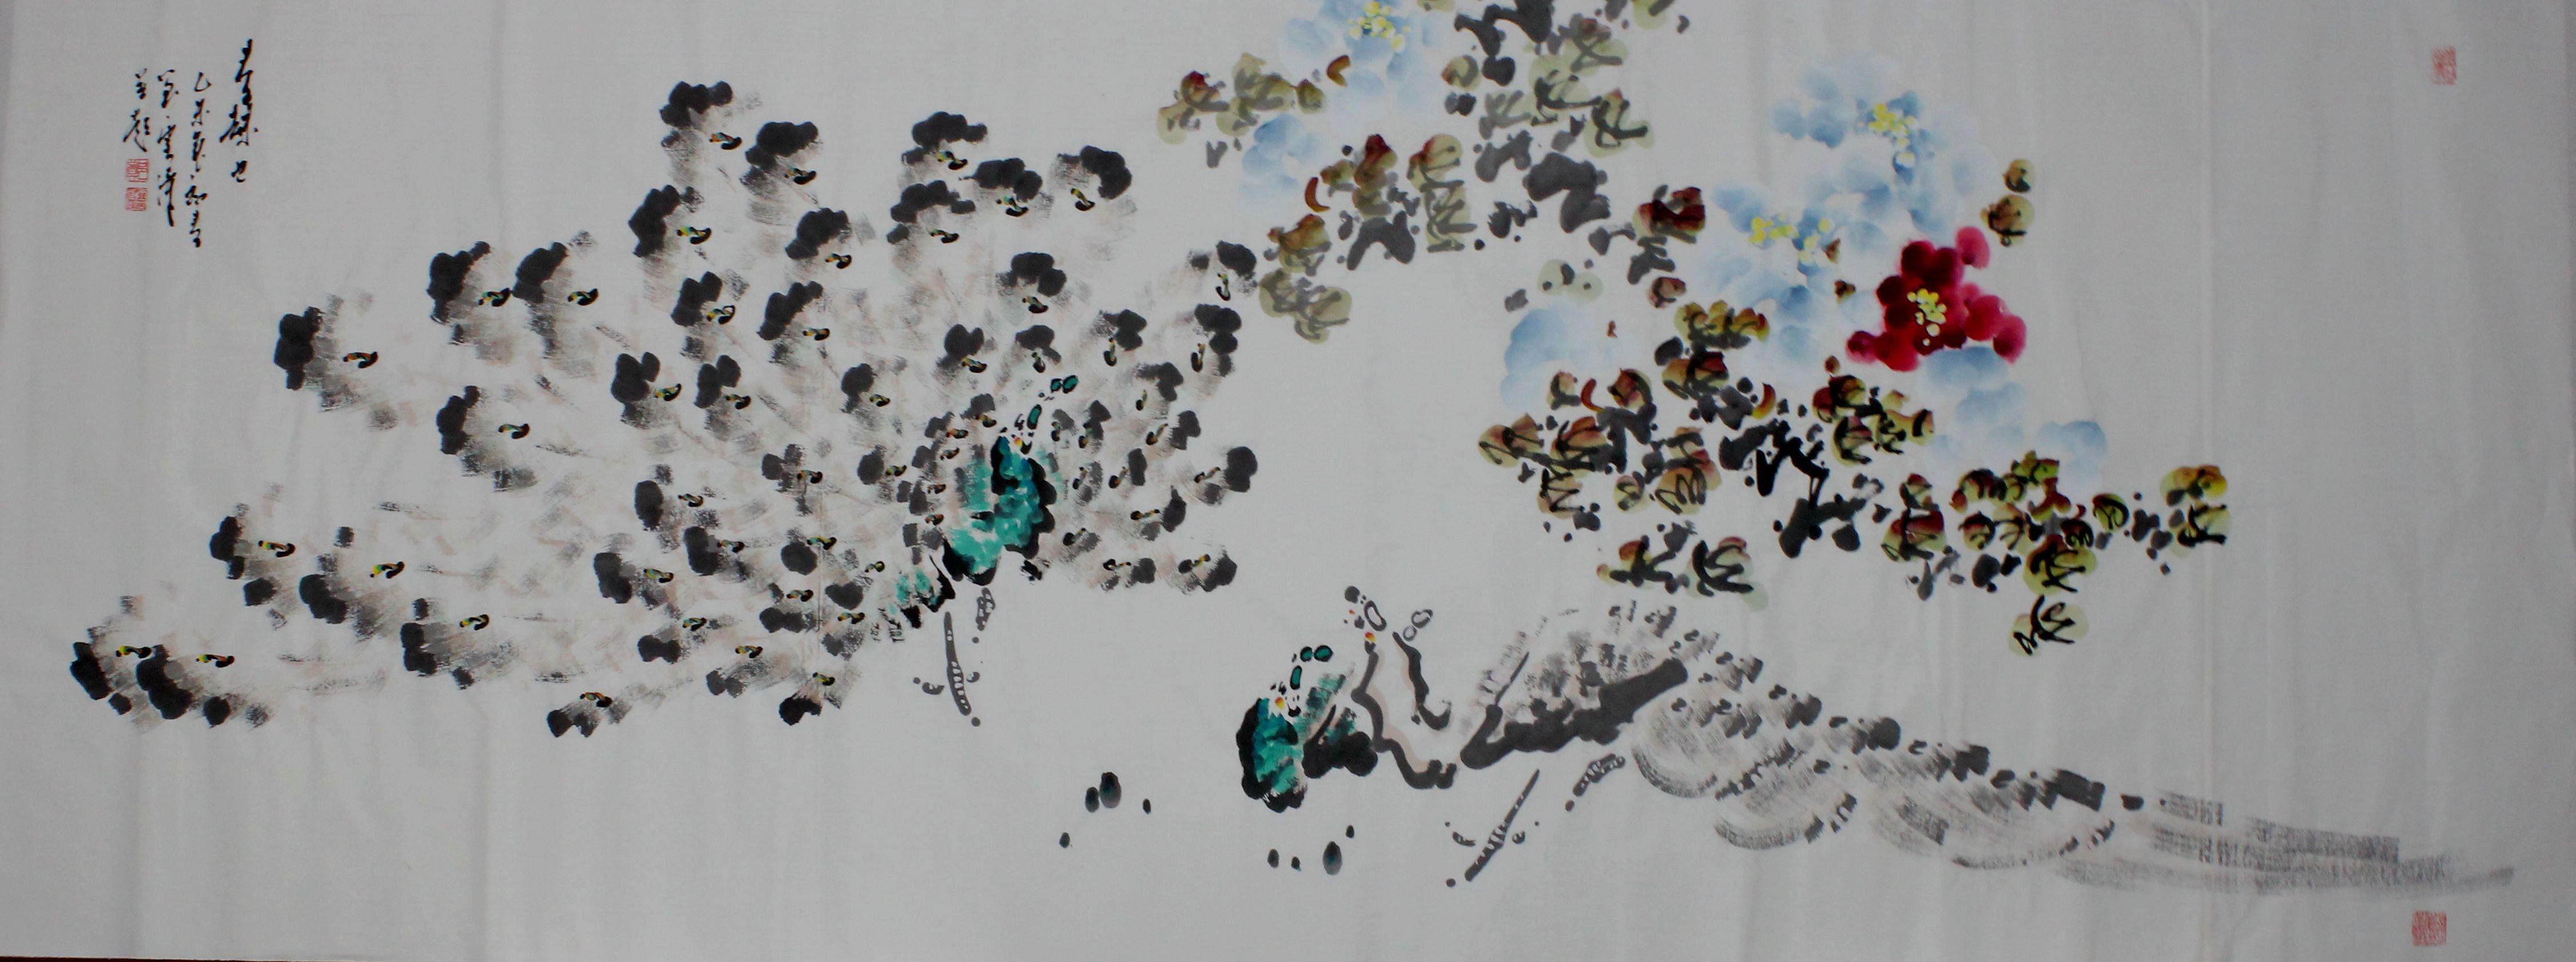 画家郑云涛孔雀画作品(规格:180cm*80cm)共赏